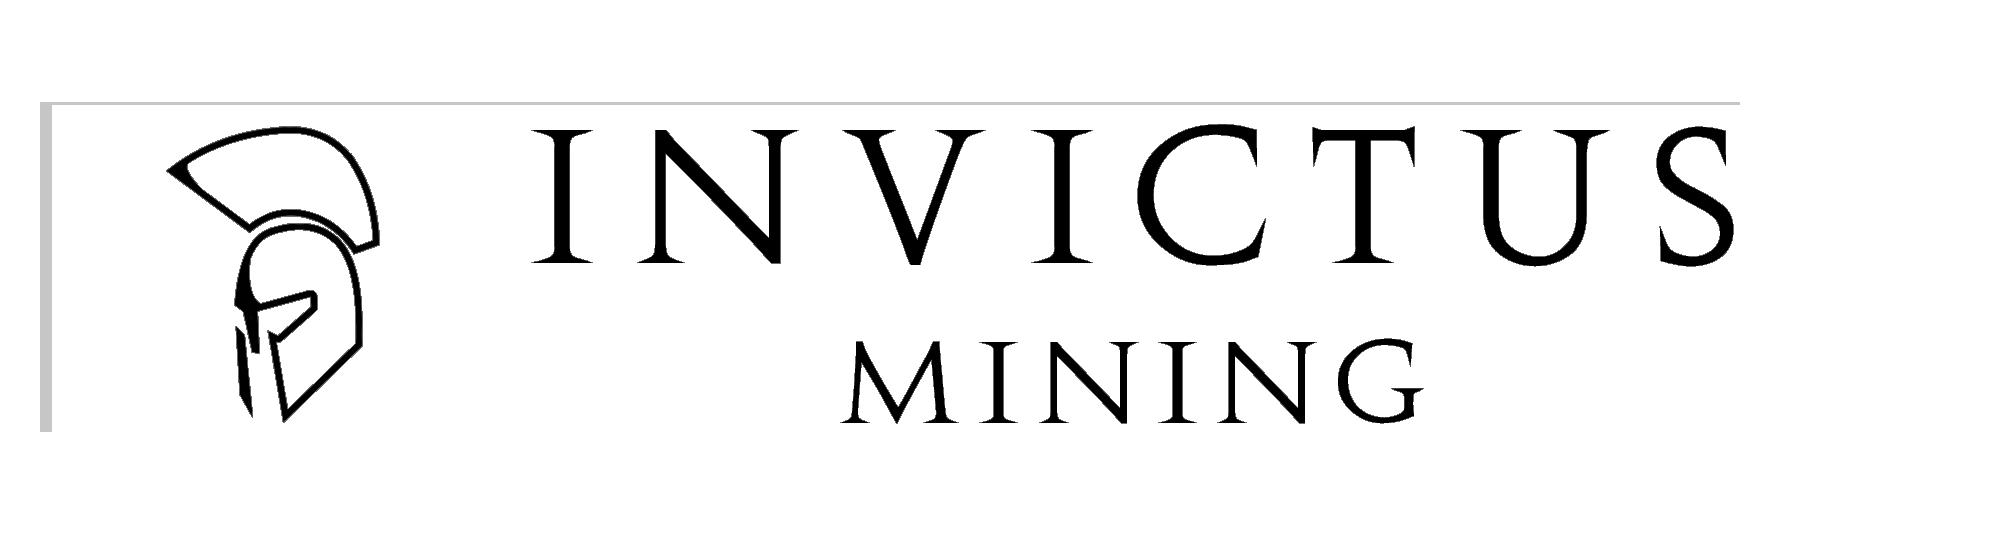 Blog | Invictus Mining